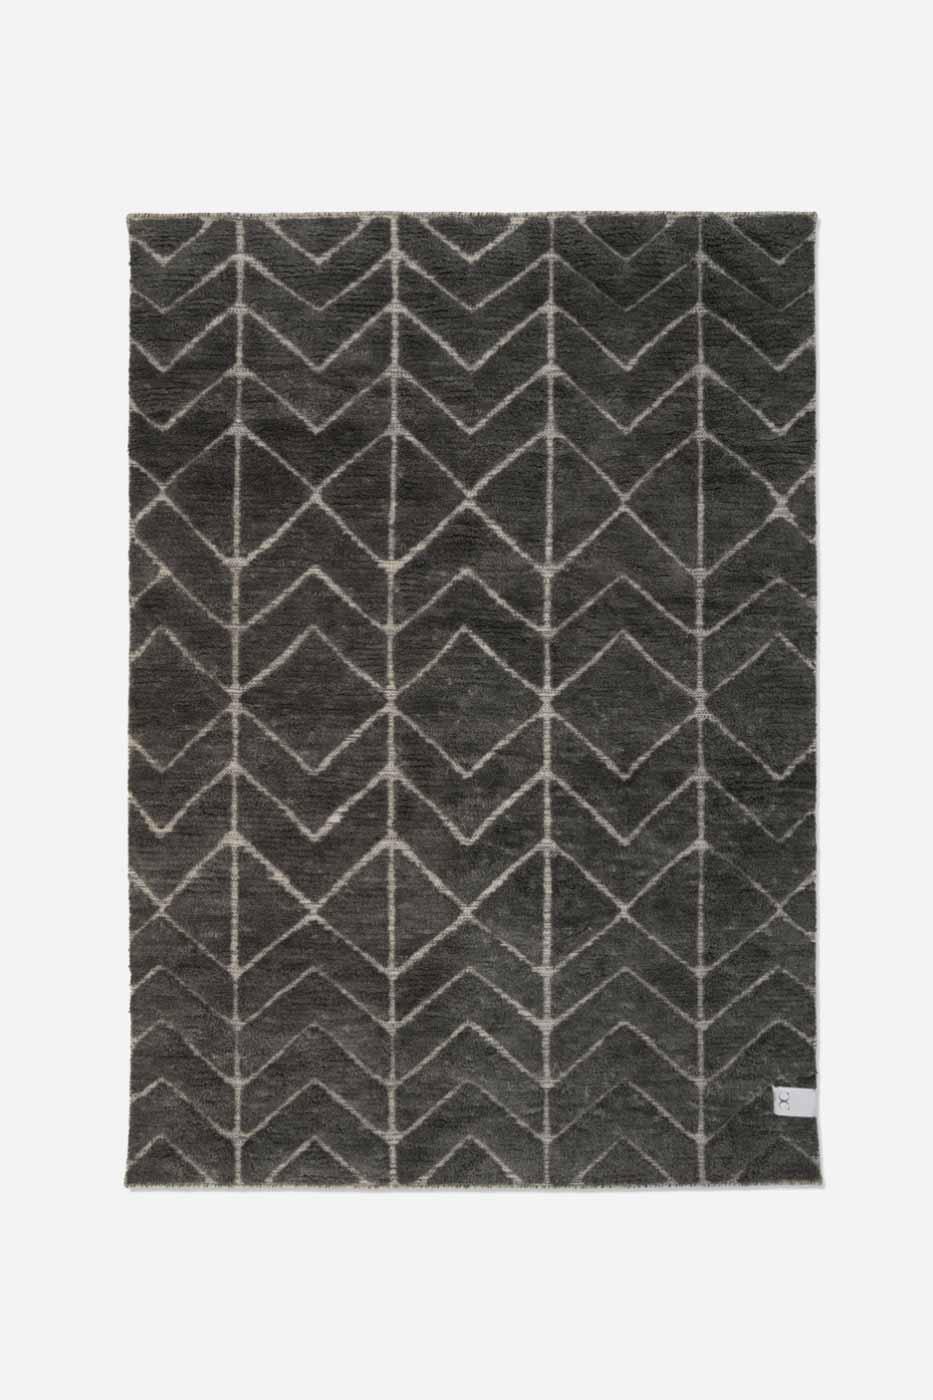 Matta Soho 200x300cm Pavement